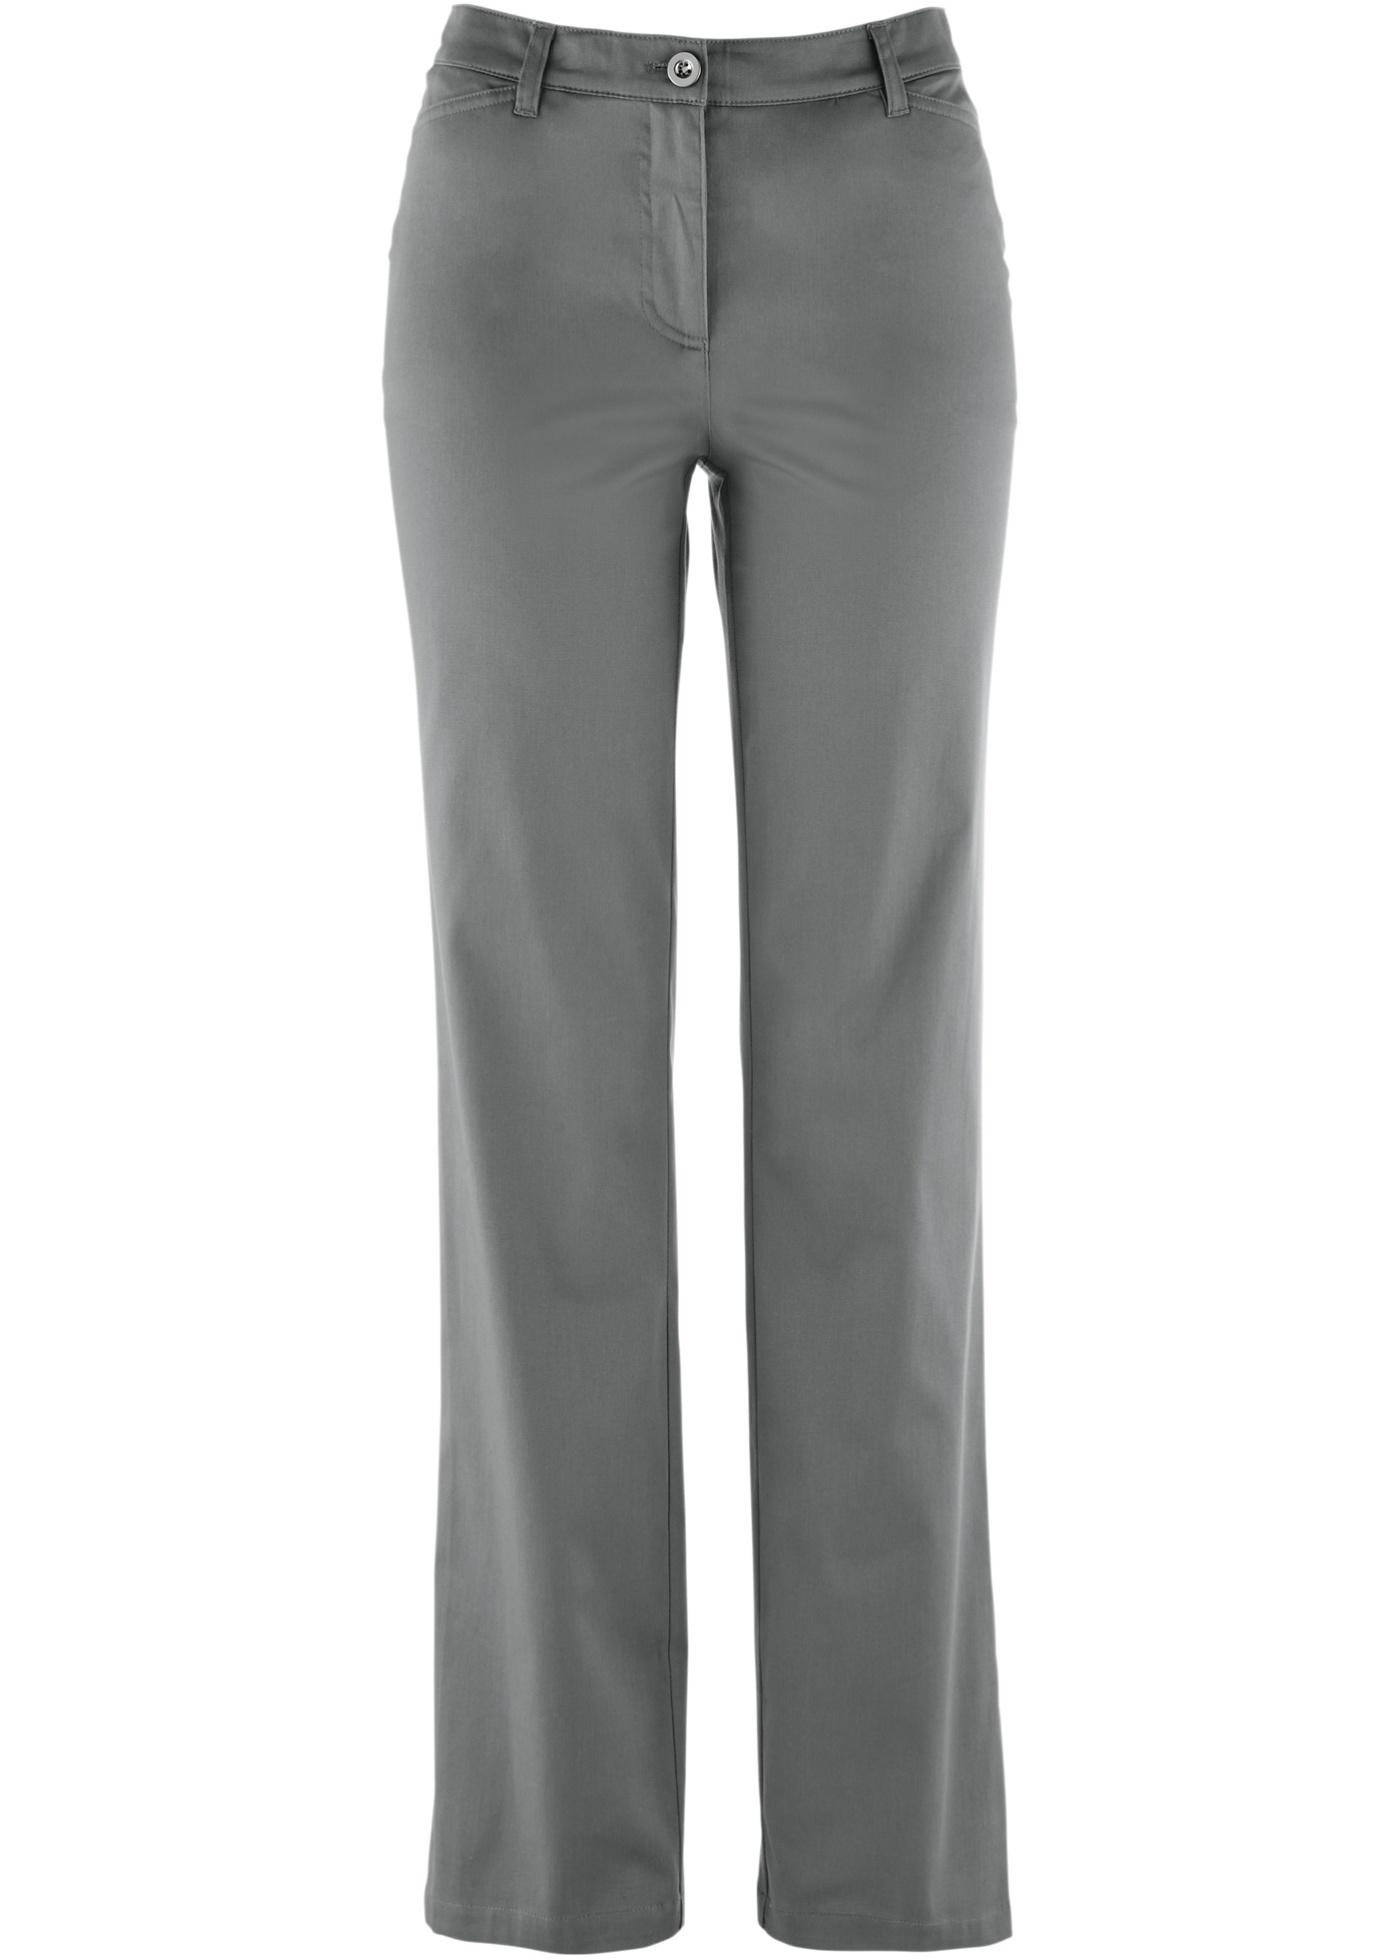 wygodne spodnie damskie bawełniane dymny szary 54